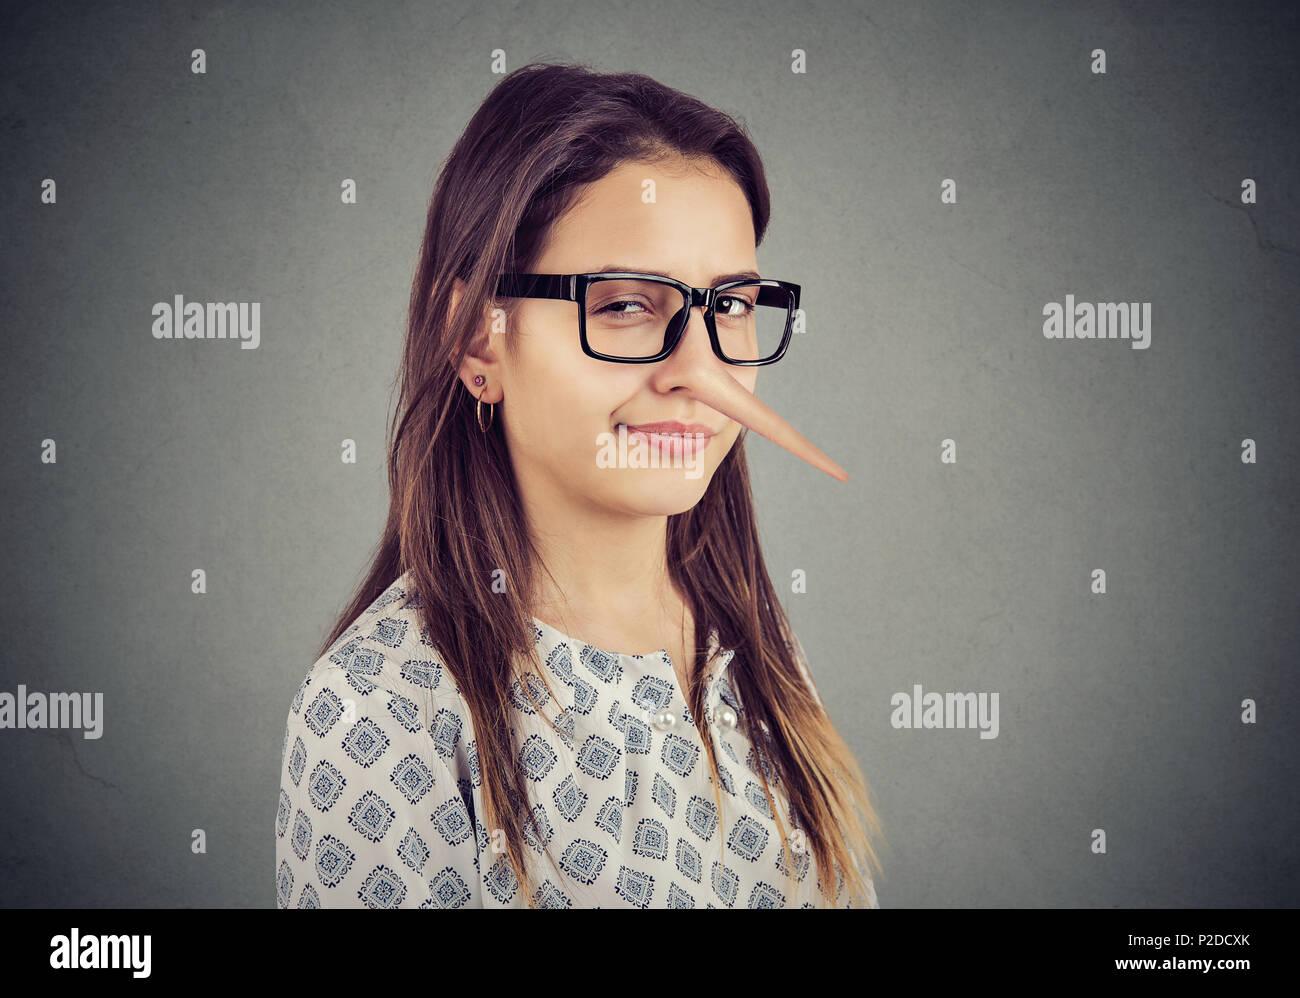 Sly tricky joven con nariz larga. Concepto de mentiroso. Imagen De Stock